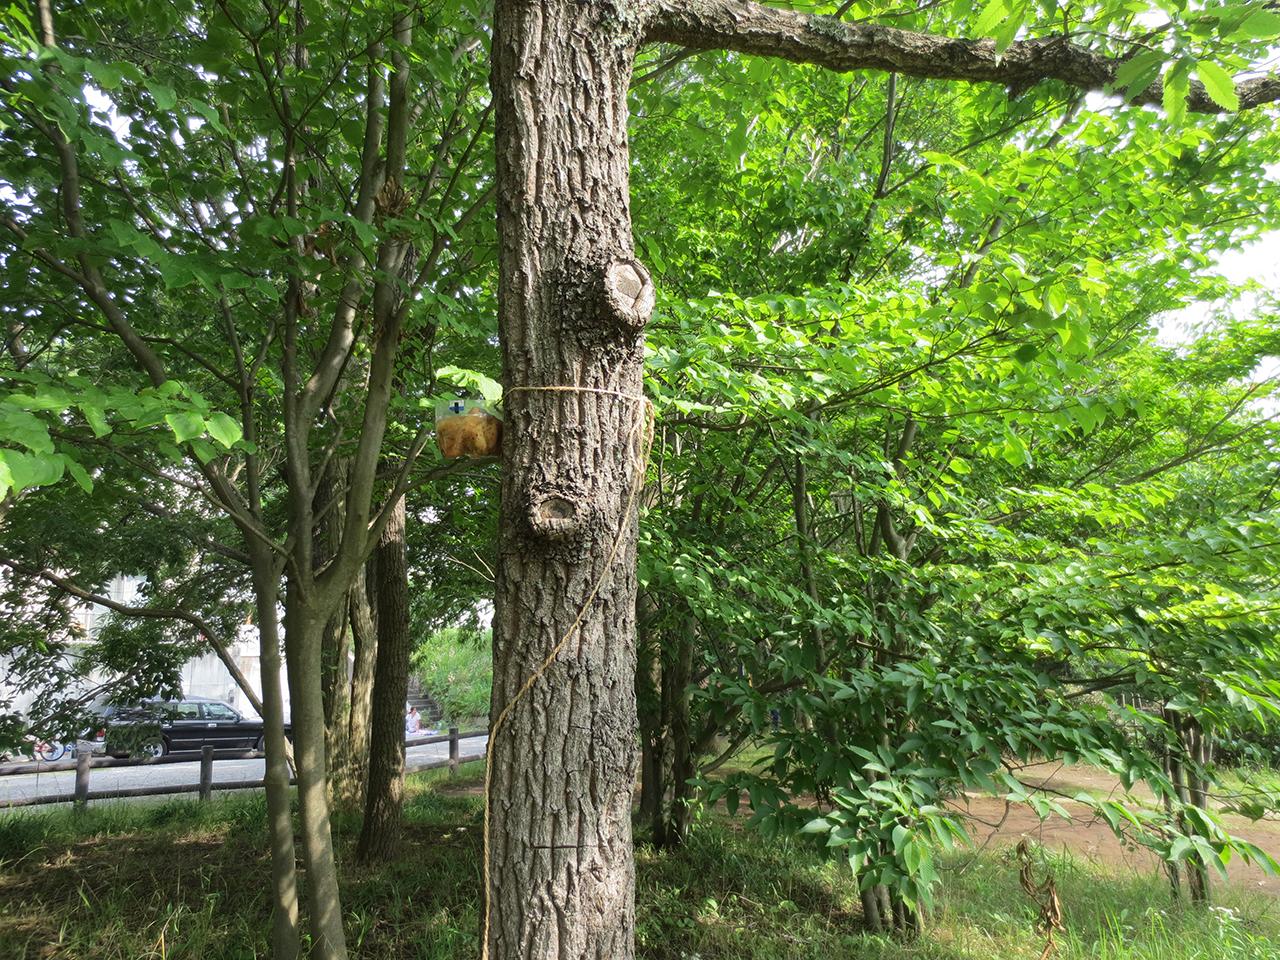 公園内のクヌギの木に仕掛けられた罠の写真